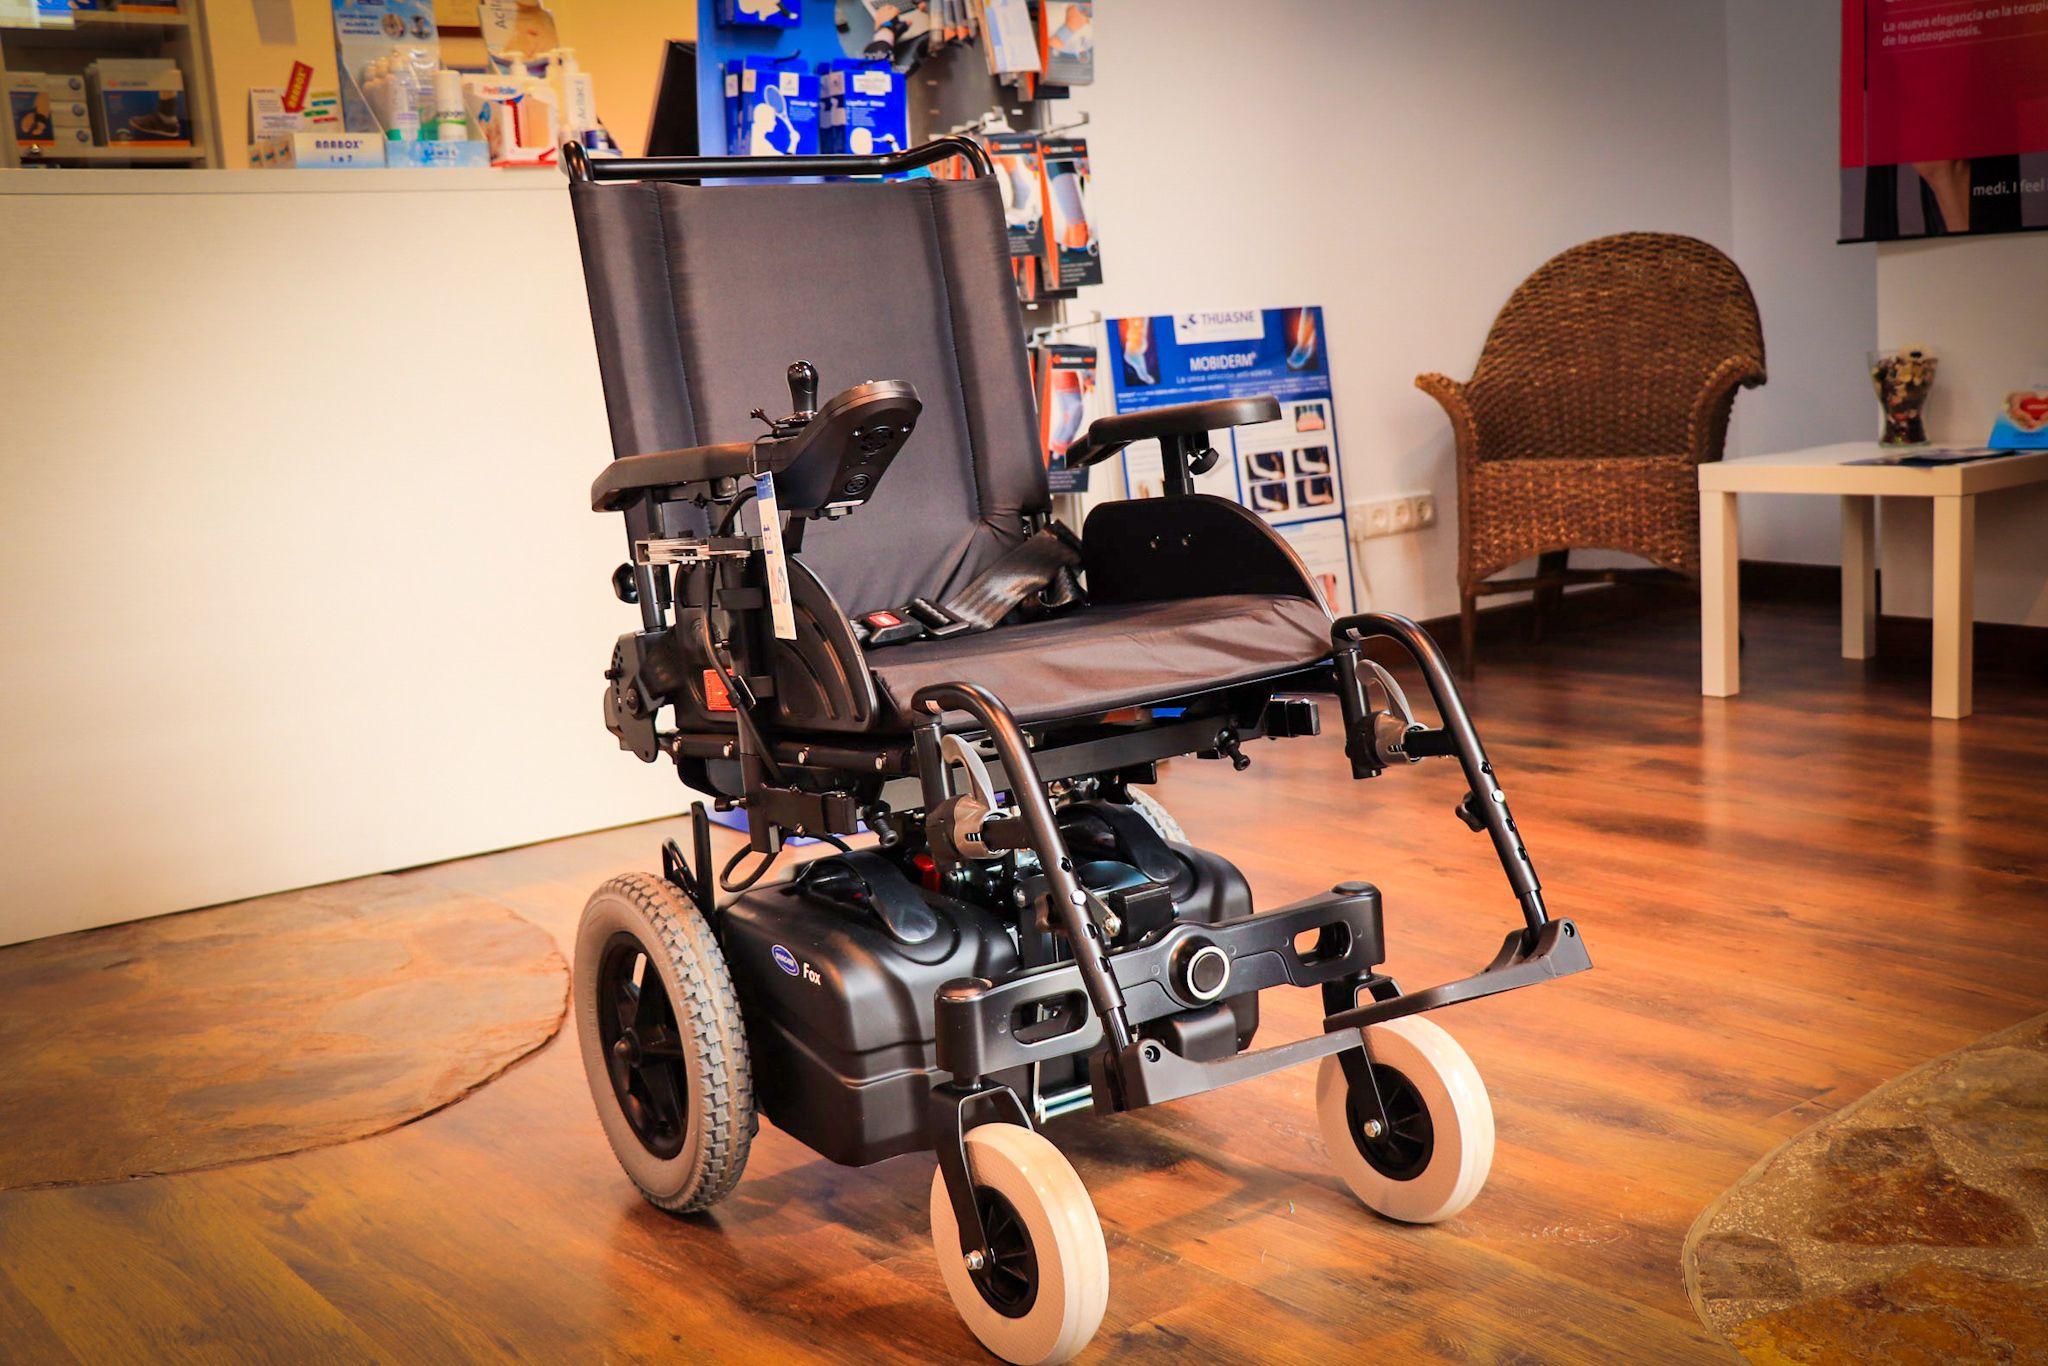 Alquiler de sillas manuales y eléctricas en Vitoria